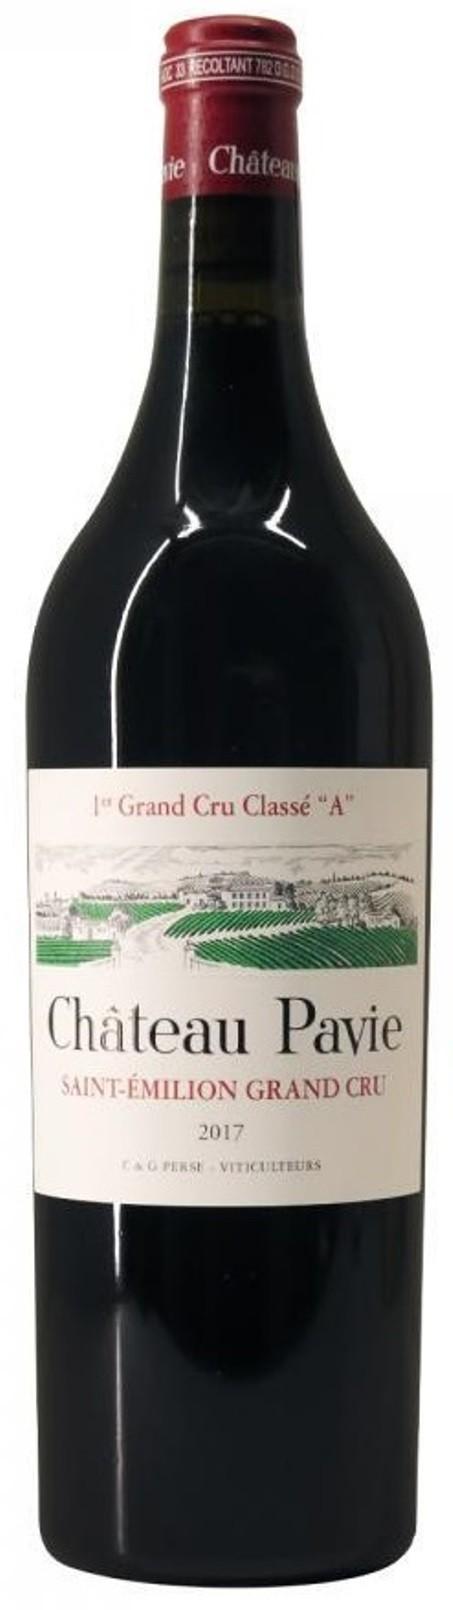 Château Pavie 2017, Saint Emilion